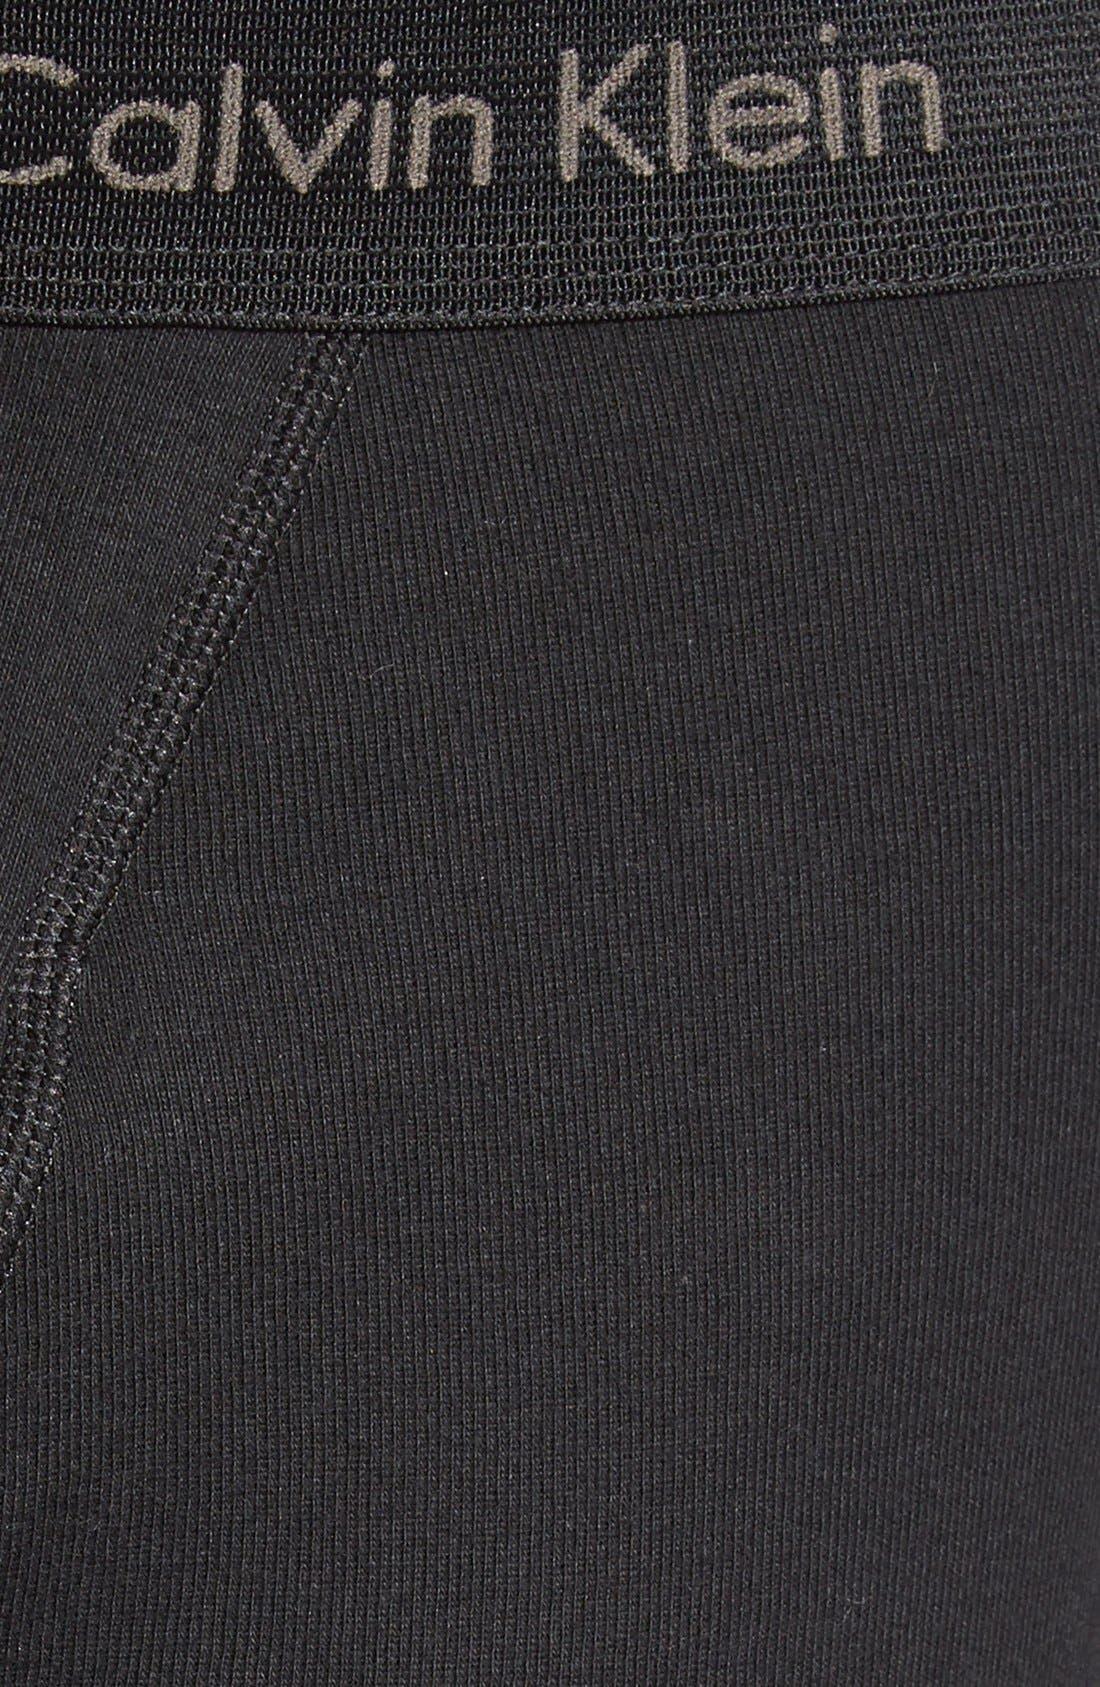 3-Pack Boxer Briefs,                             Alternate thumbnail 4, color,                             BLACK